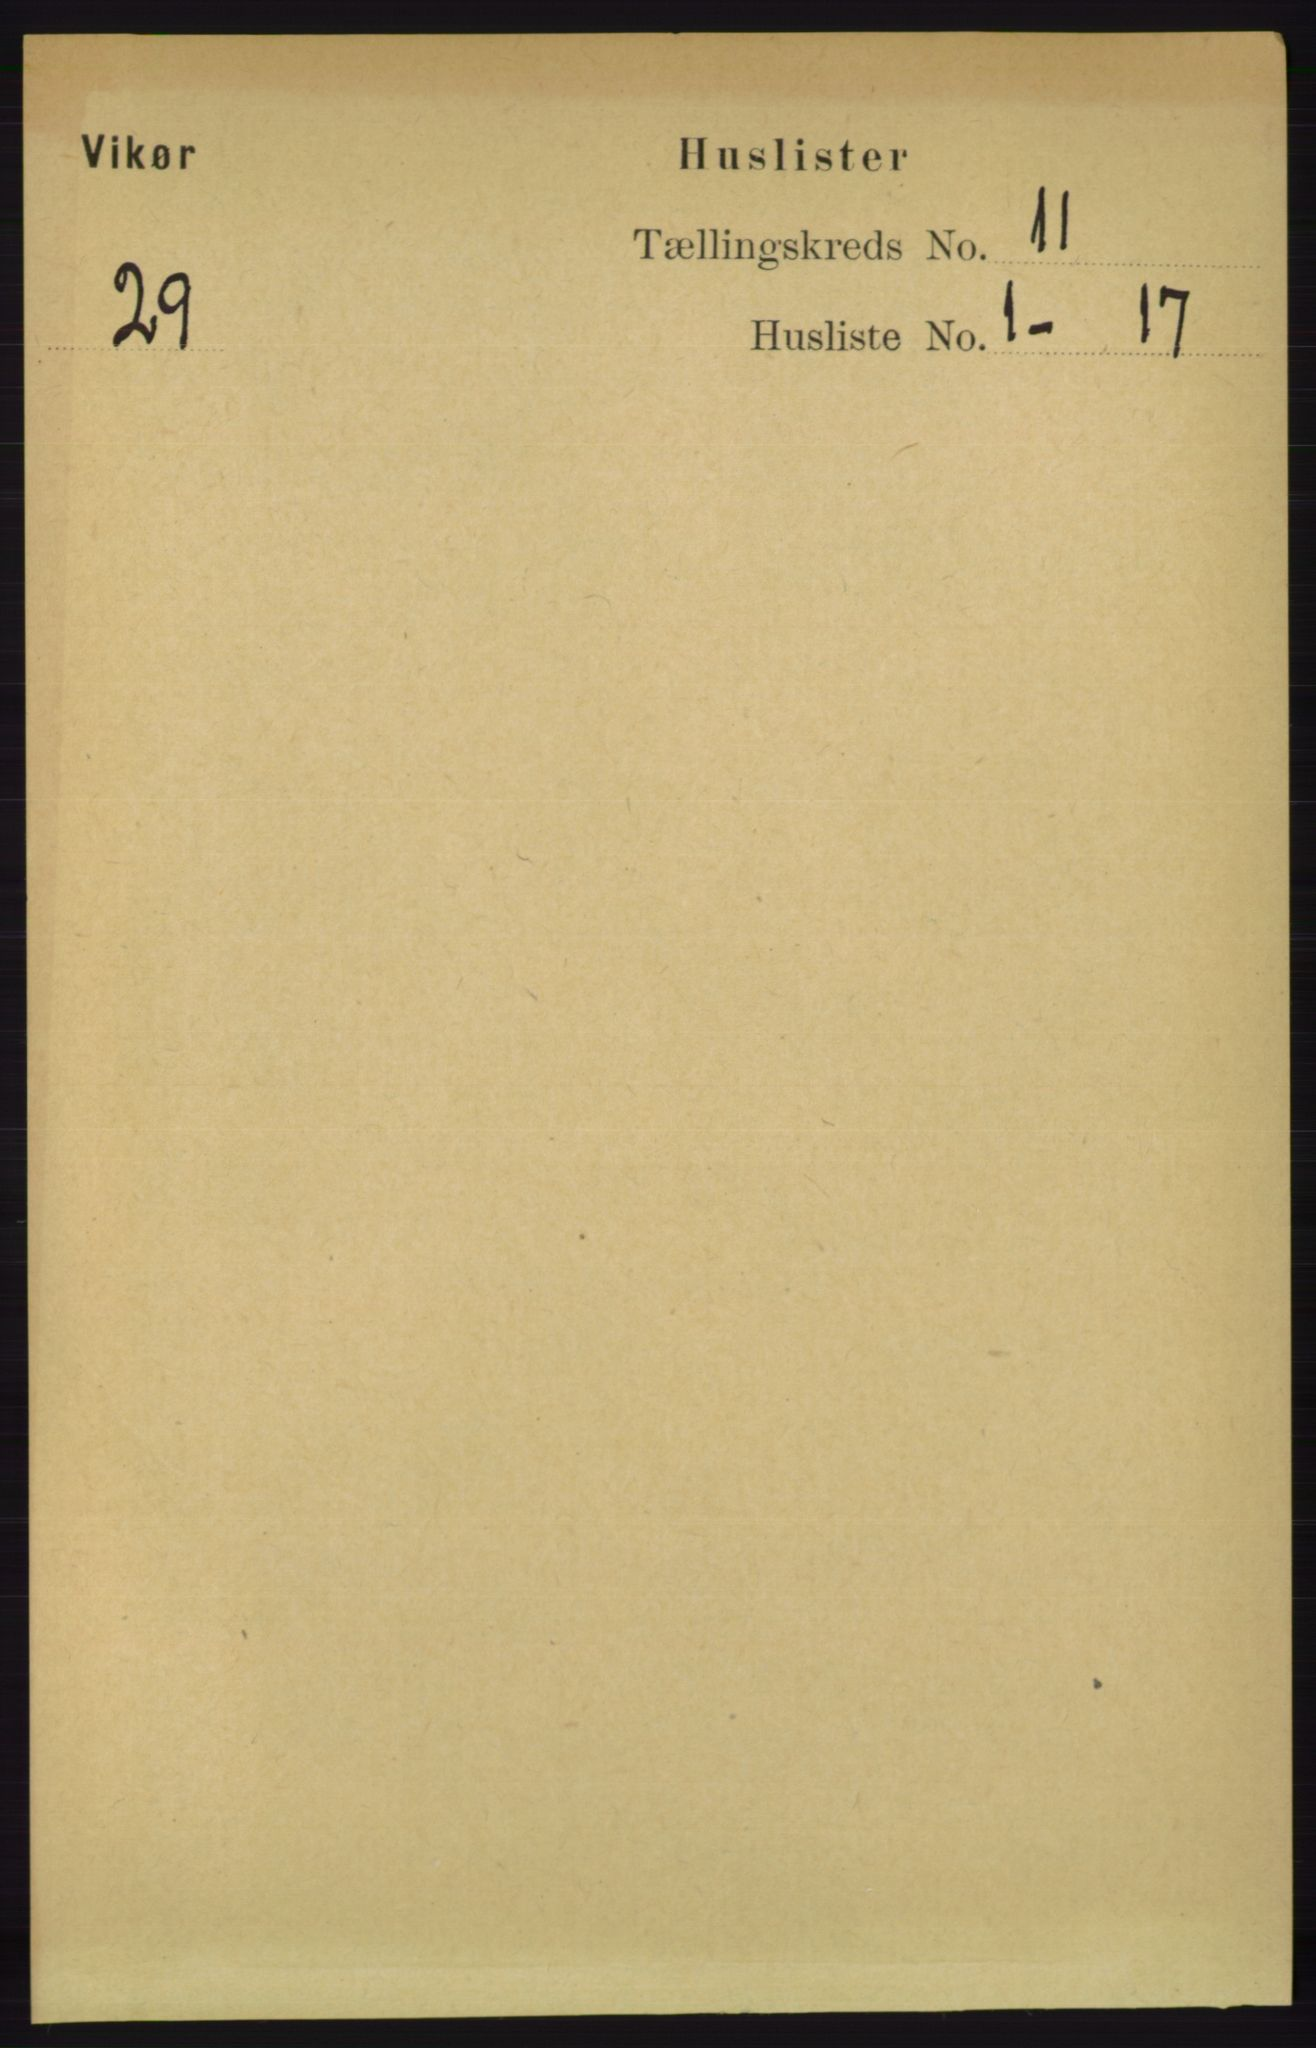 RA, Folketelling 1891 for 1238 Vikør herred, 1891, s. 3126